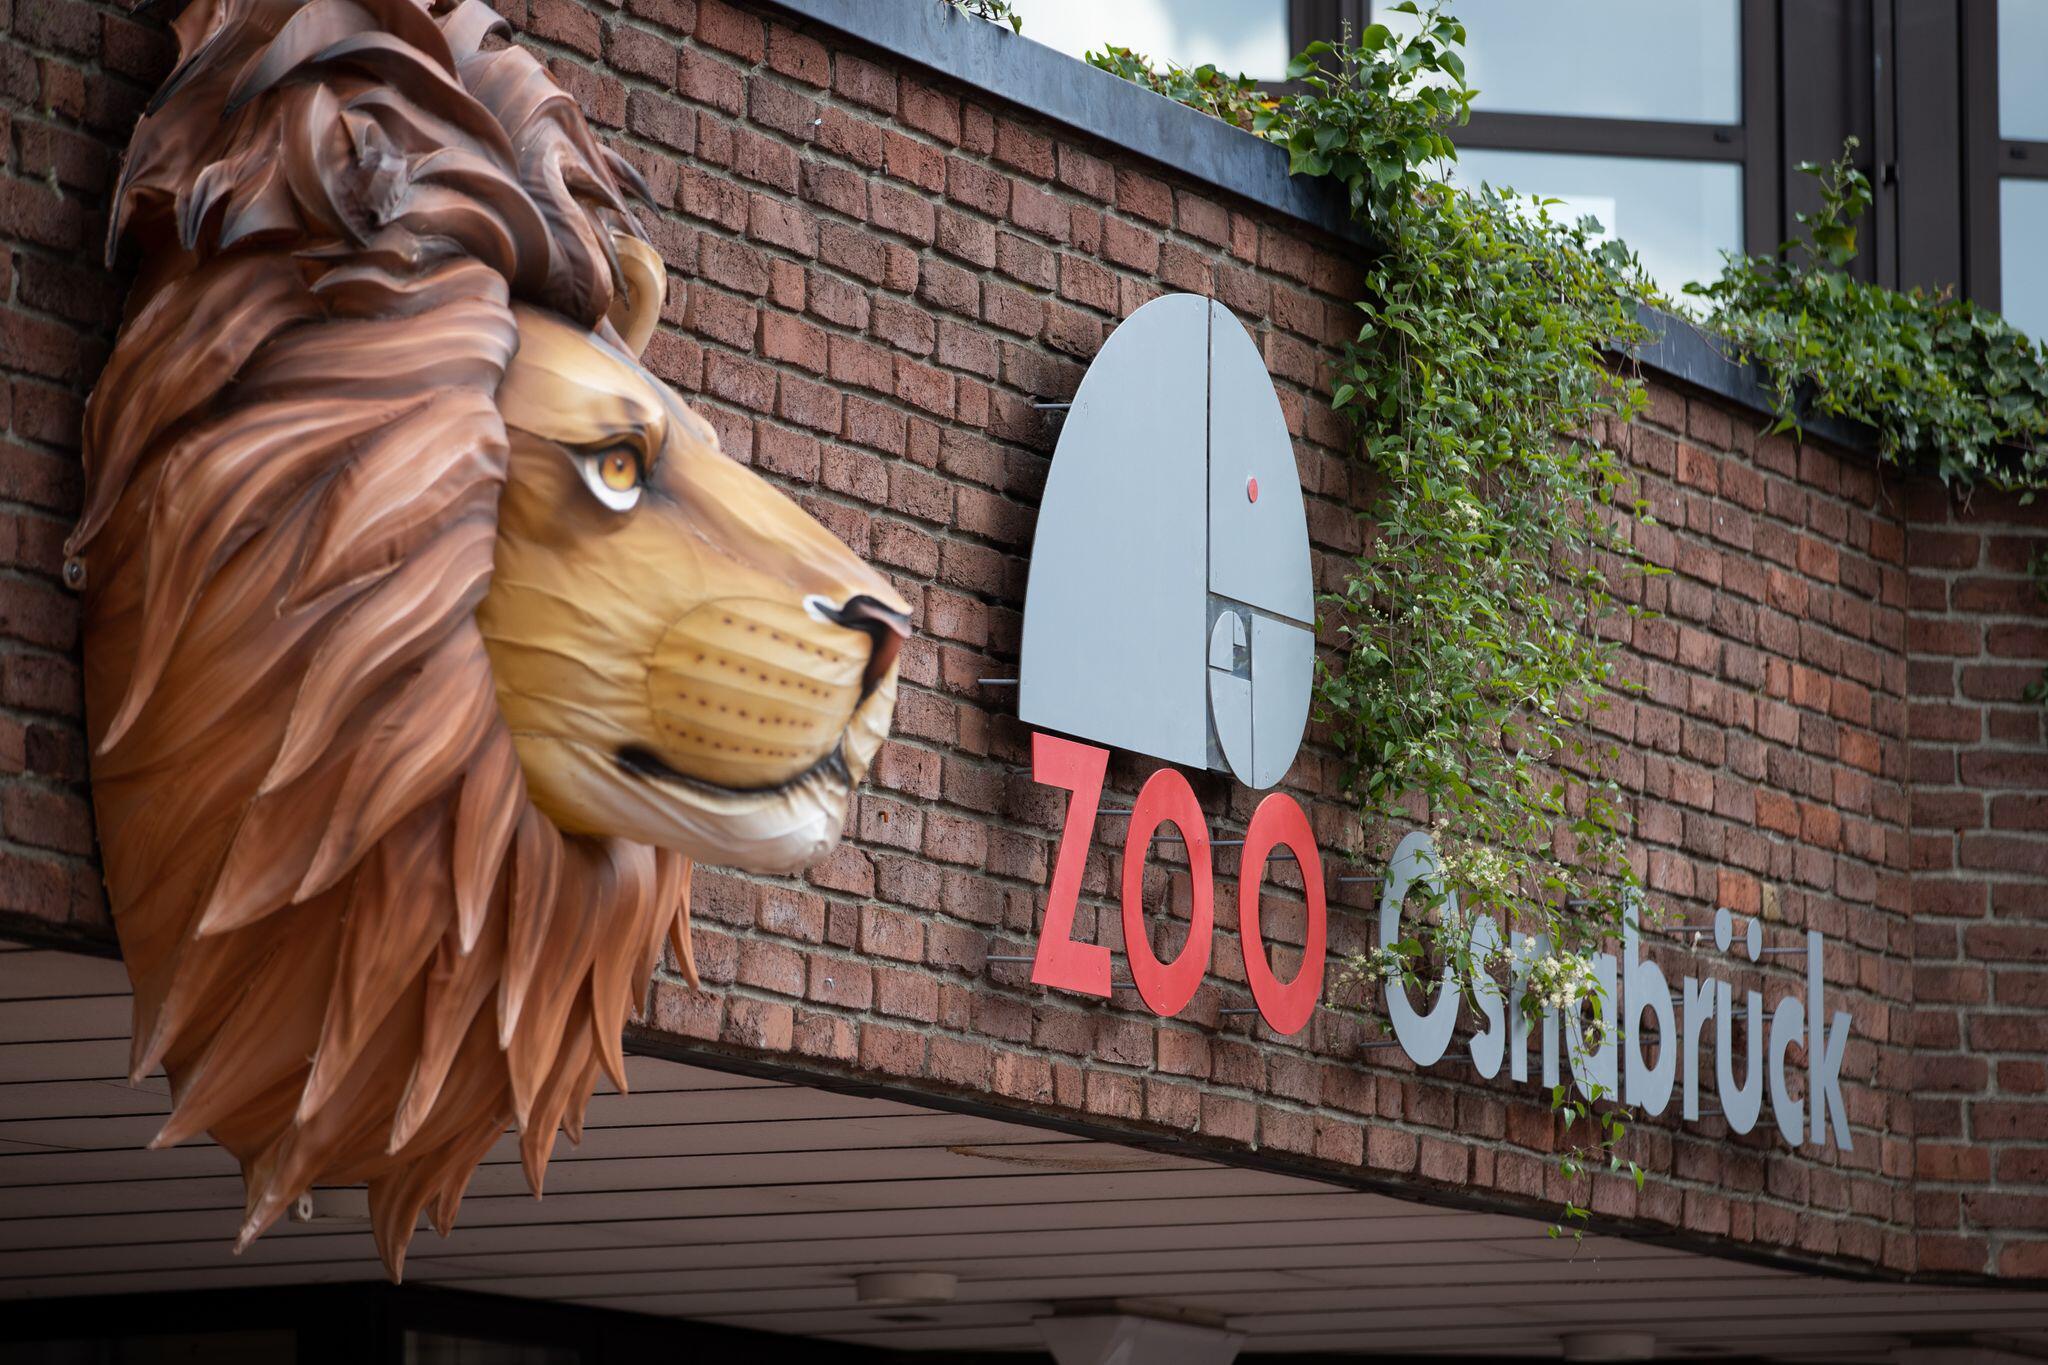 Zoo in Osnabrück: Tierpflegerin von Löwe angegriffen und verletzt